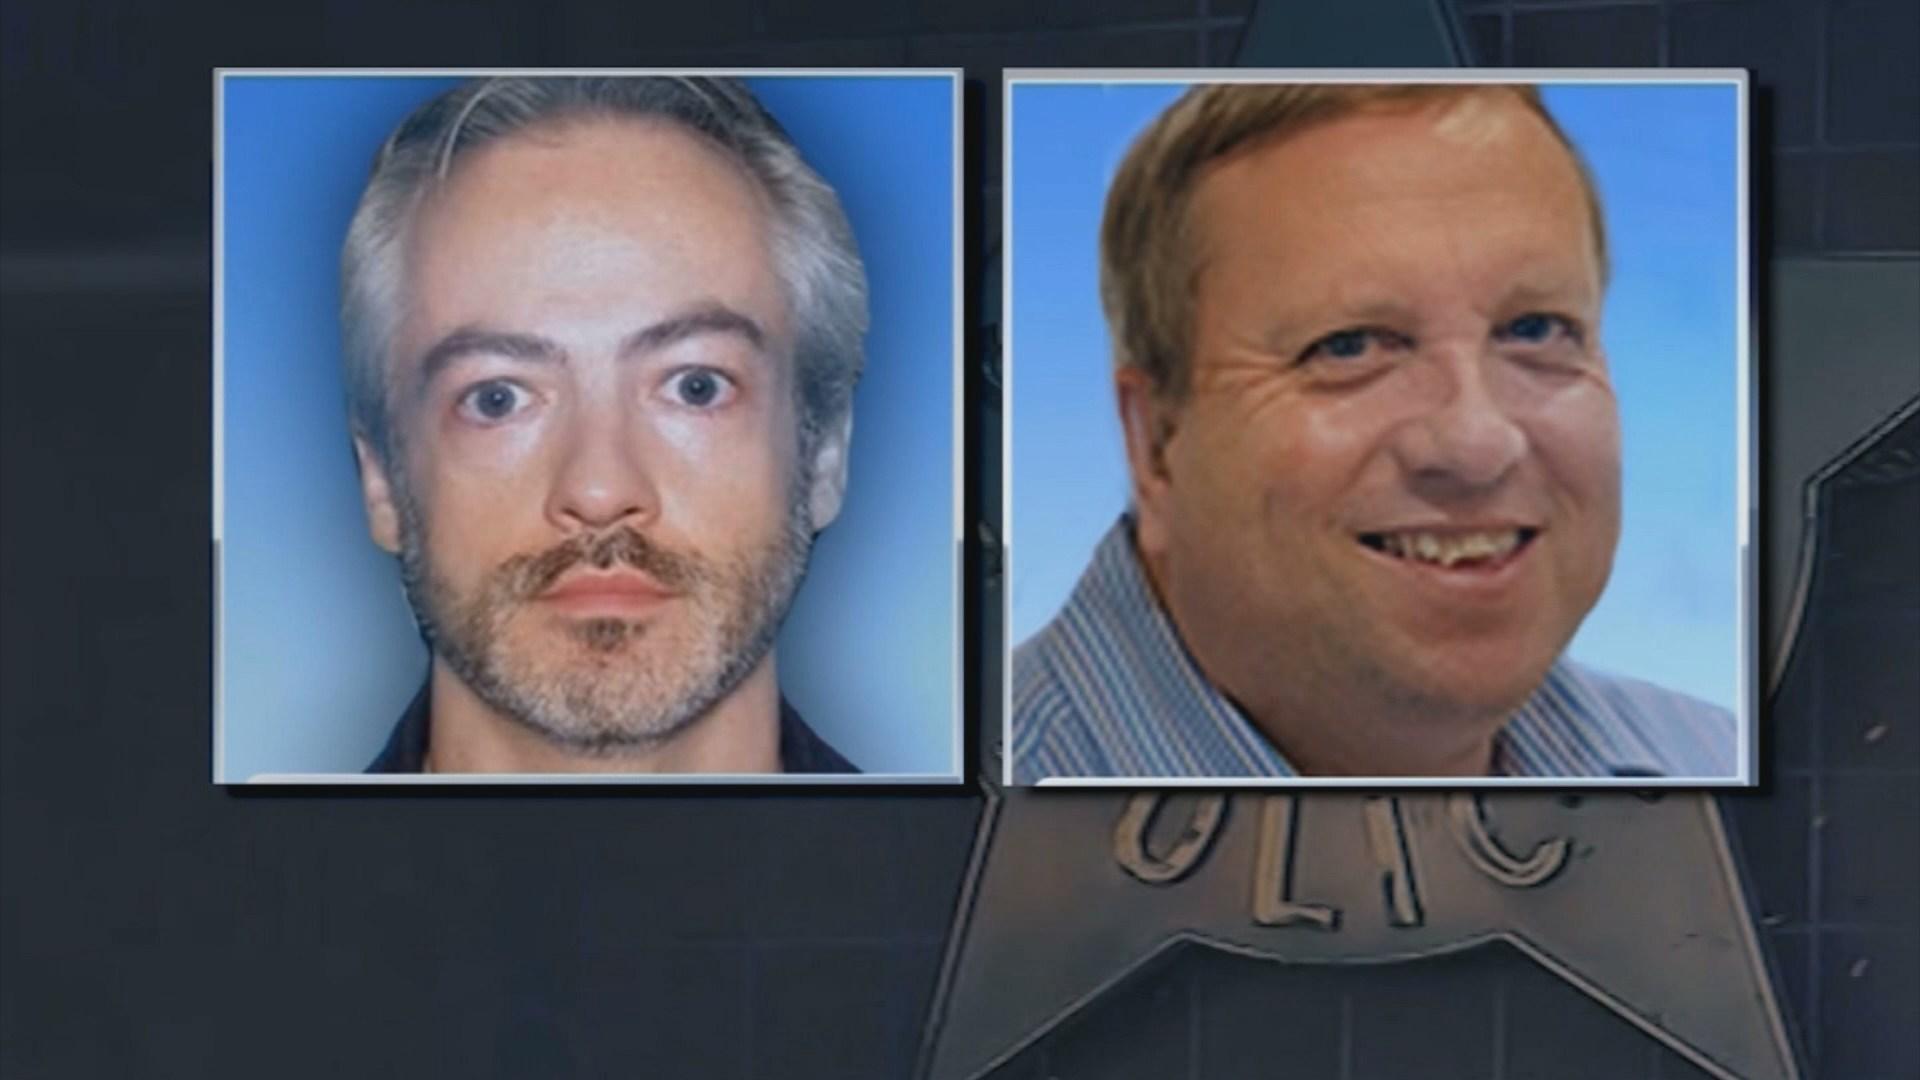 Wyndham Lathem (left) and Andrew Warren (Source: CNN)